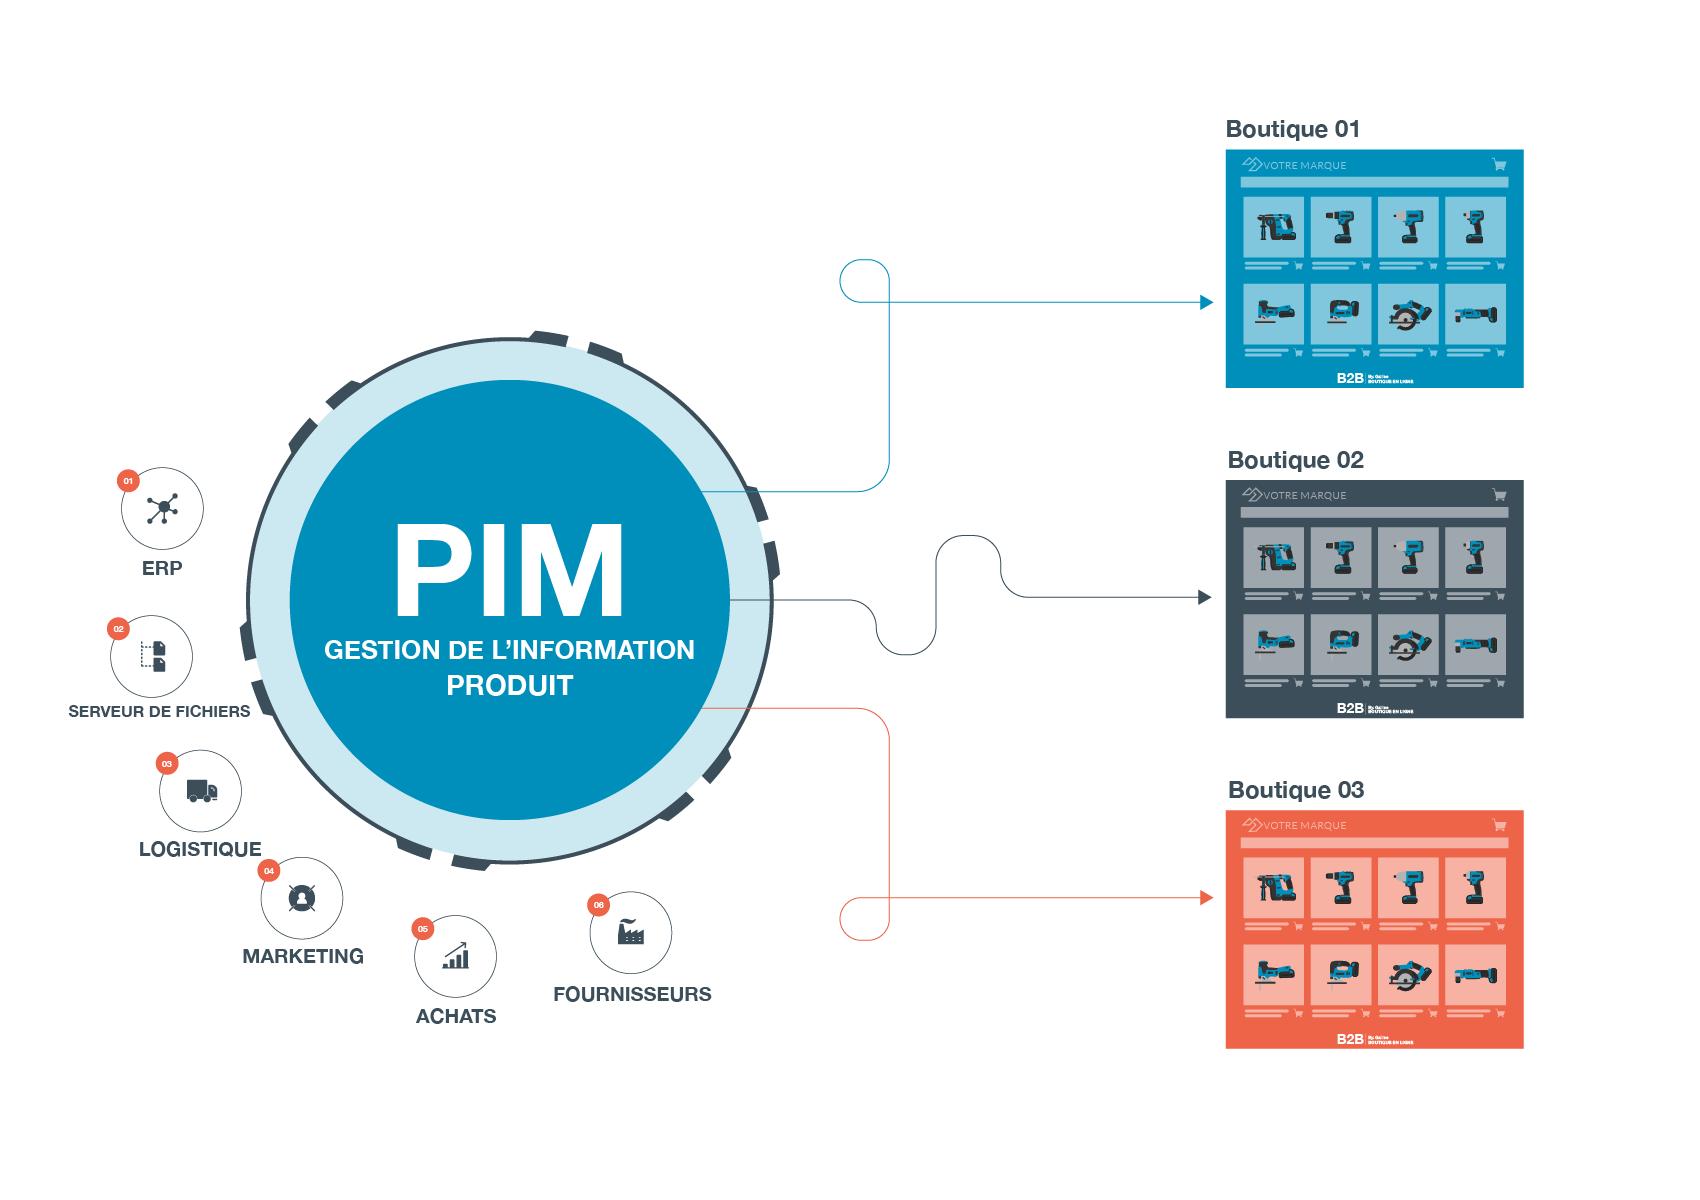 Le PIM pour gérer ses informations produits pour l'E-Commerce B2B